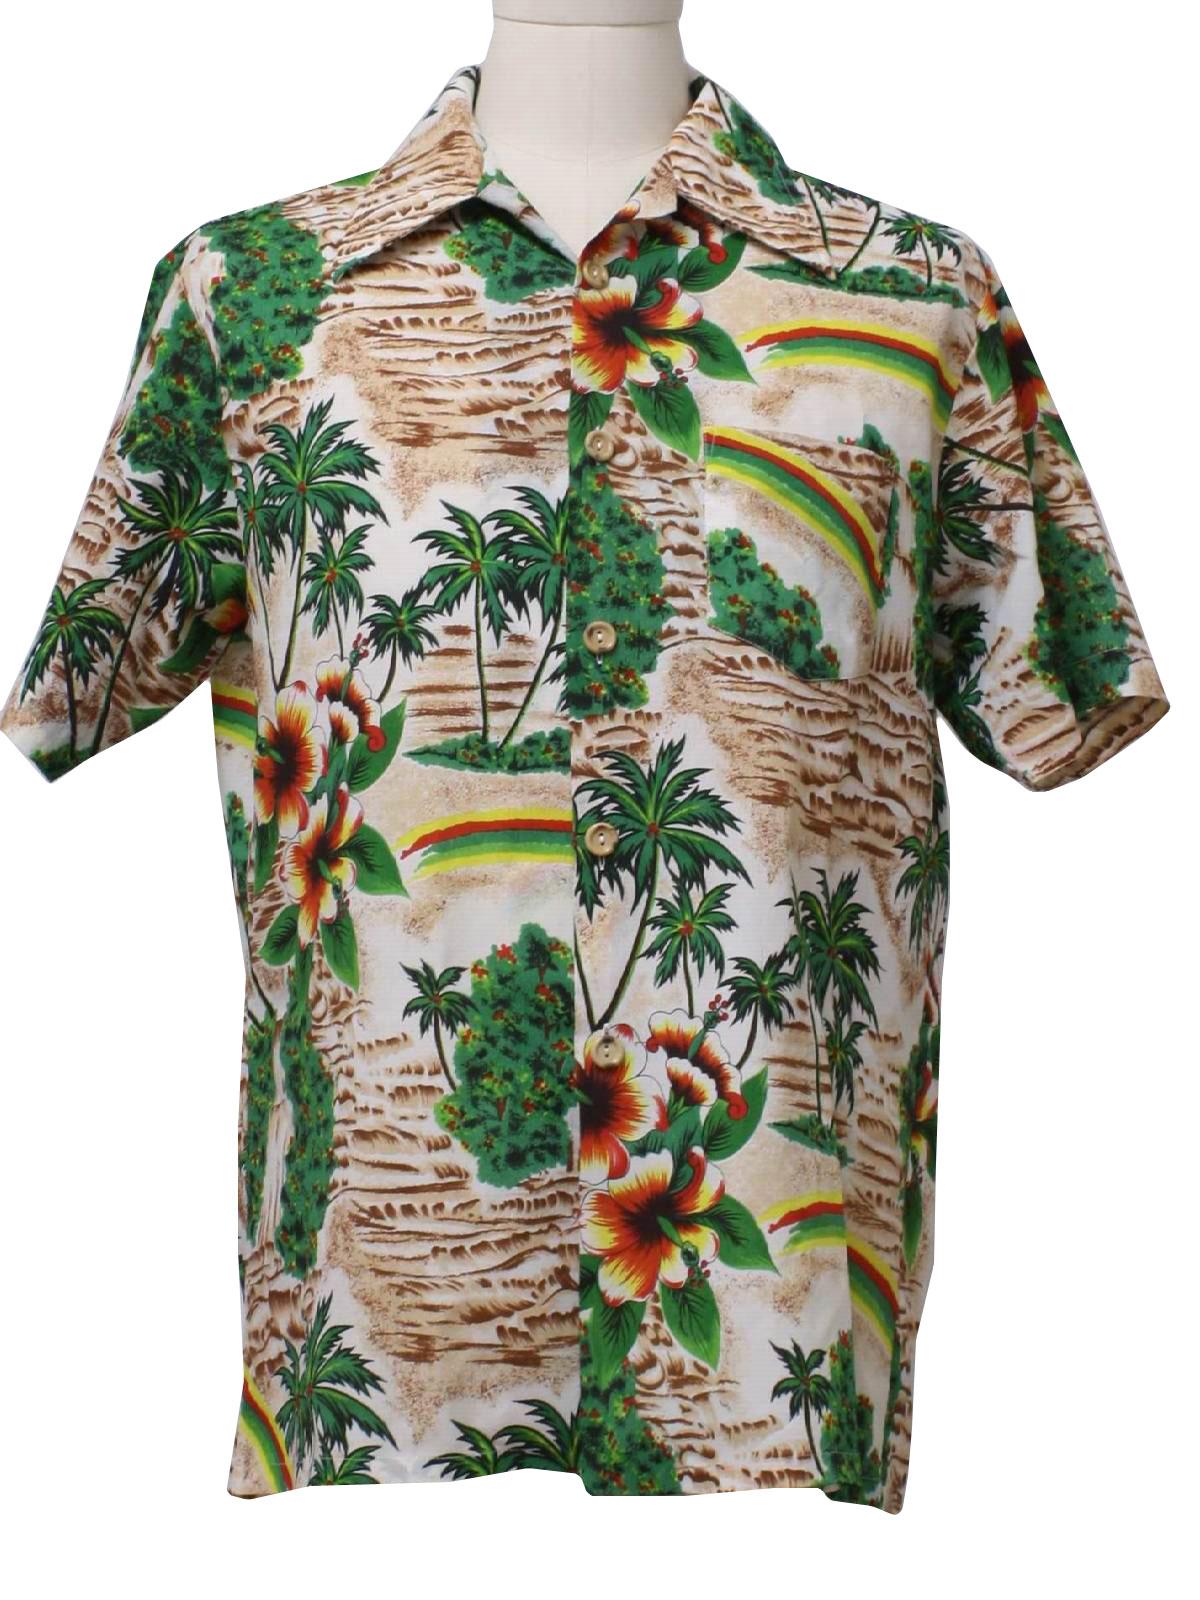 1dfd12a5023fd Retro 1970 s Hawaiian Shirt (Towncraft JC Penney)   70s -Towncraft ...